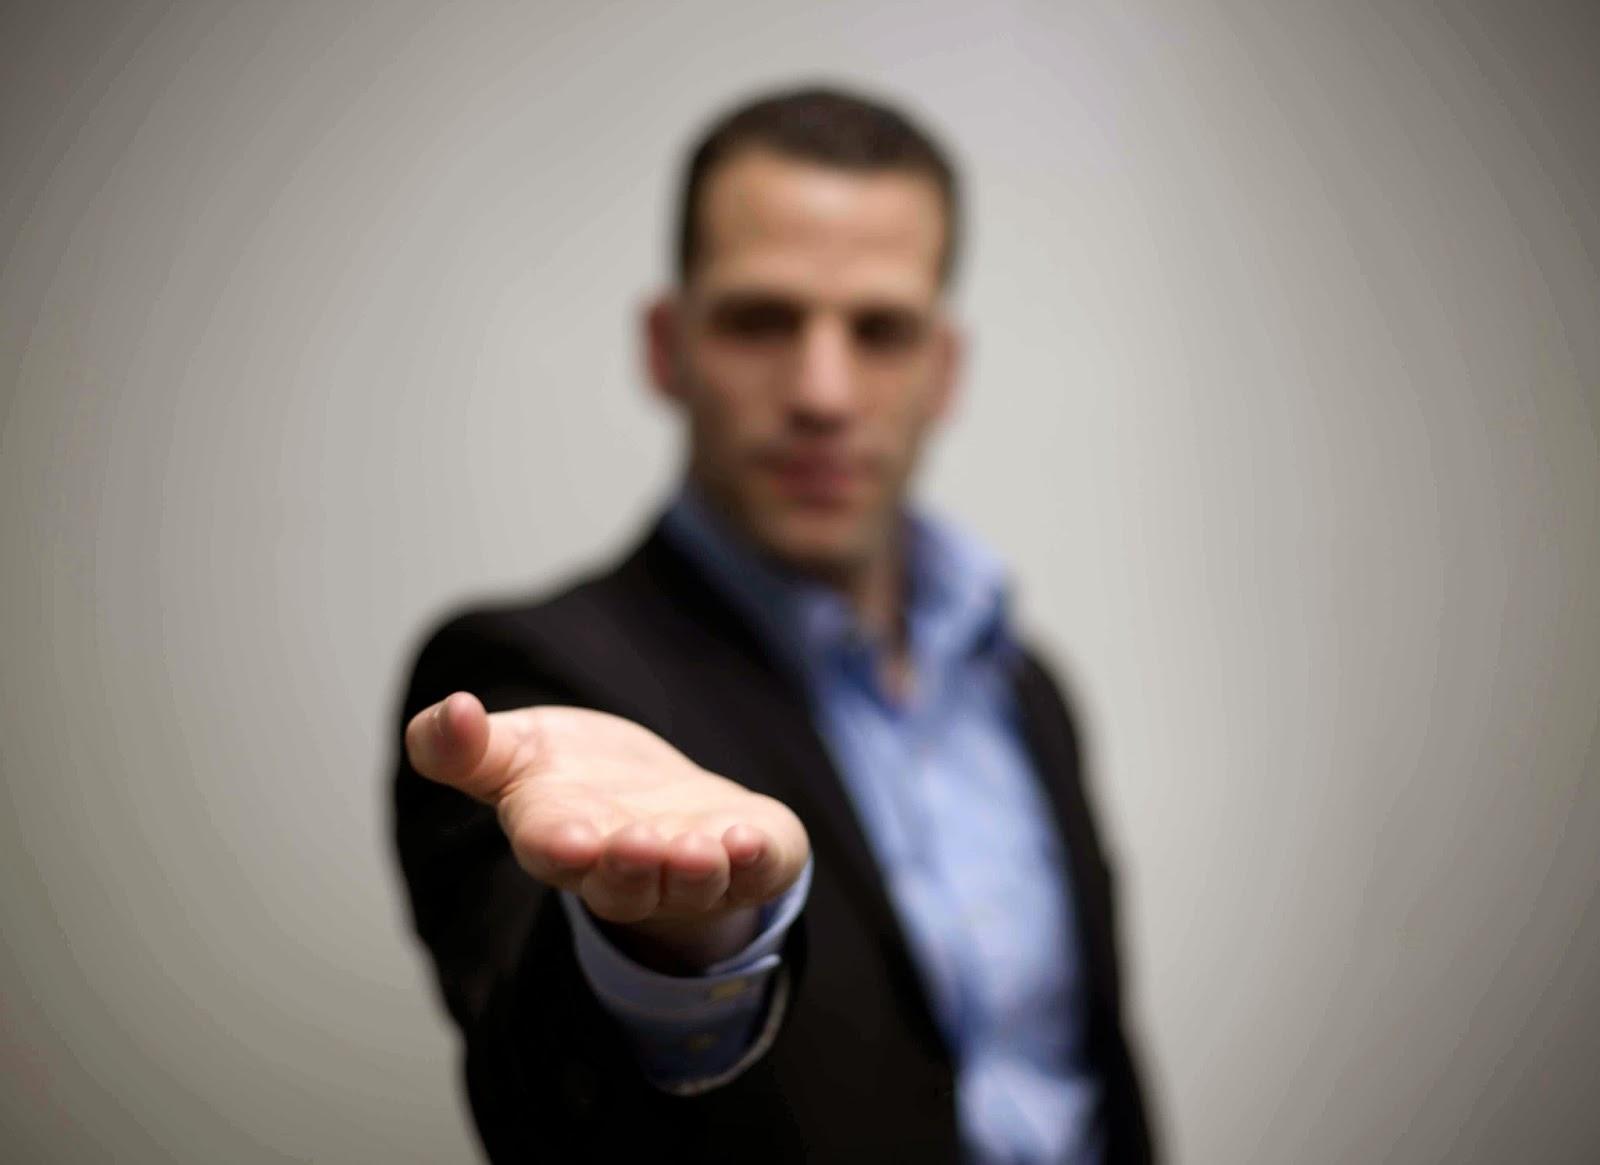 Como gerar confiança, como ganhar confiança, o líder de confiança